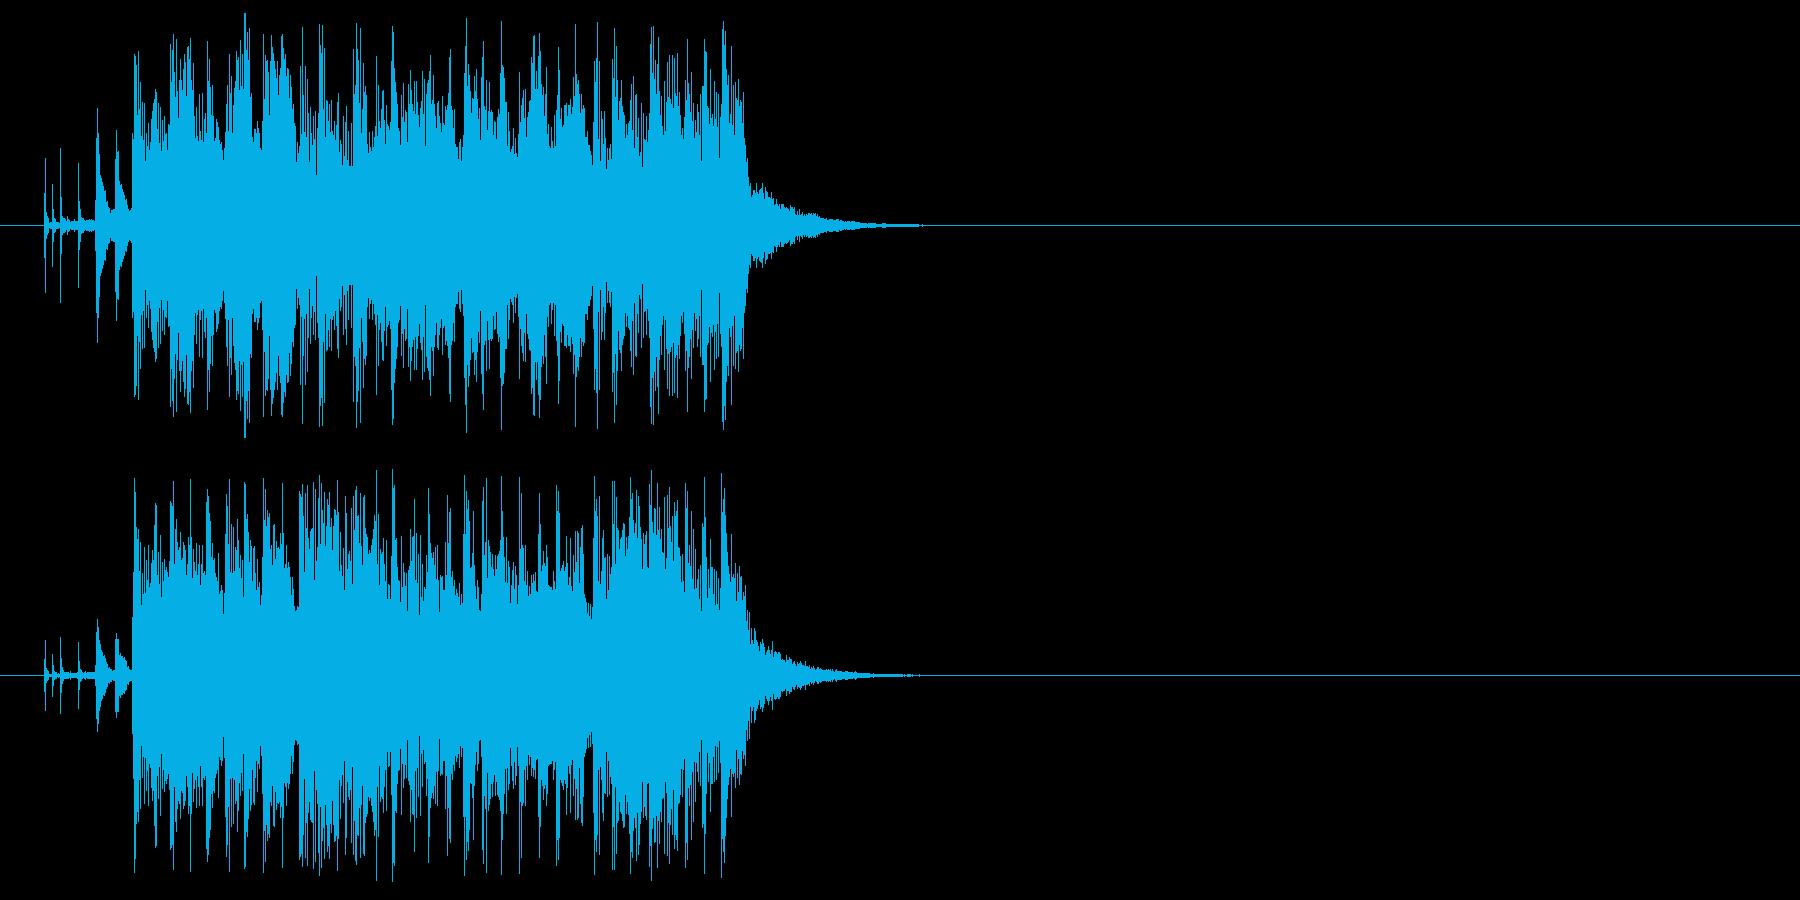 ピアノと管楽器が特徴的なジングルの再生済みの波形